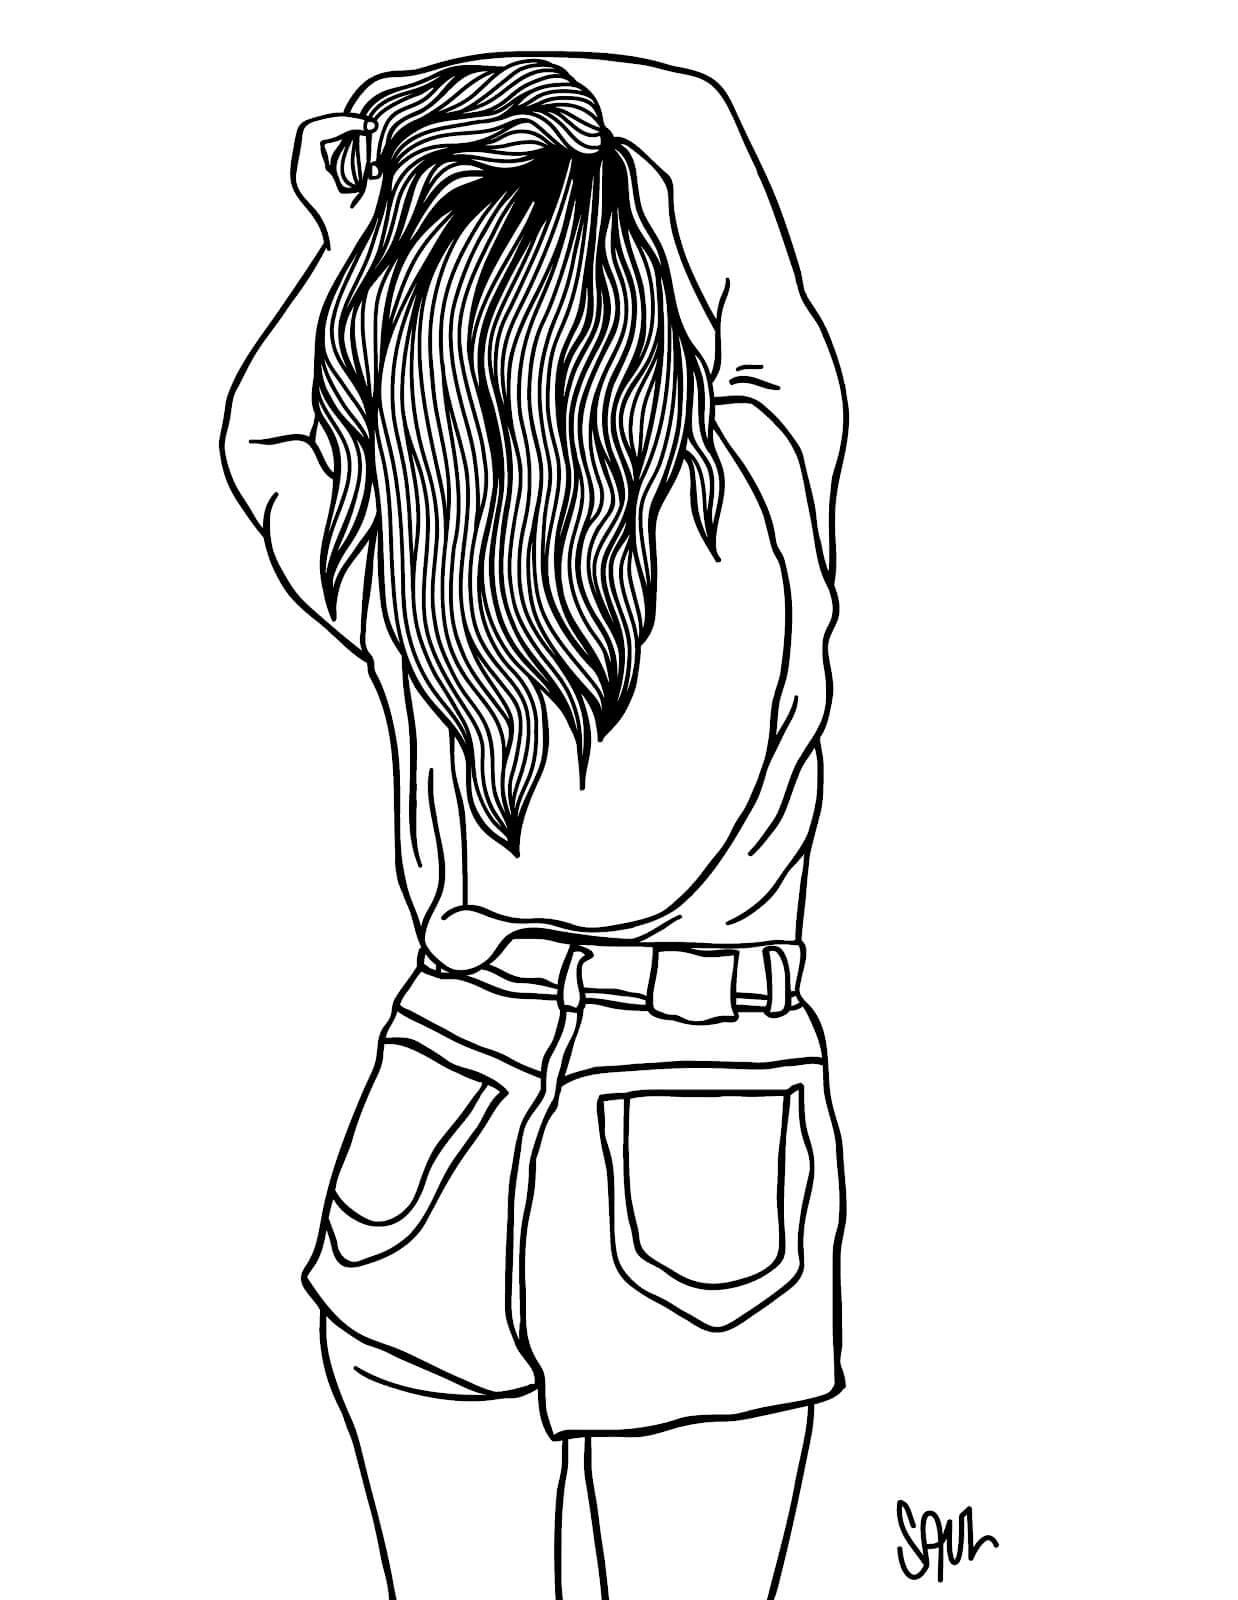 Скачать бесплатно черно-белые картинки для срисовки - сборка (27 штук) 1